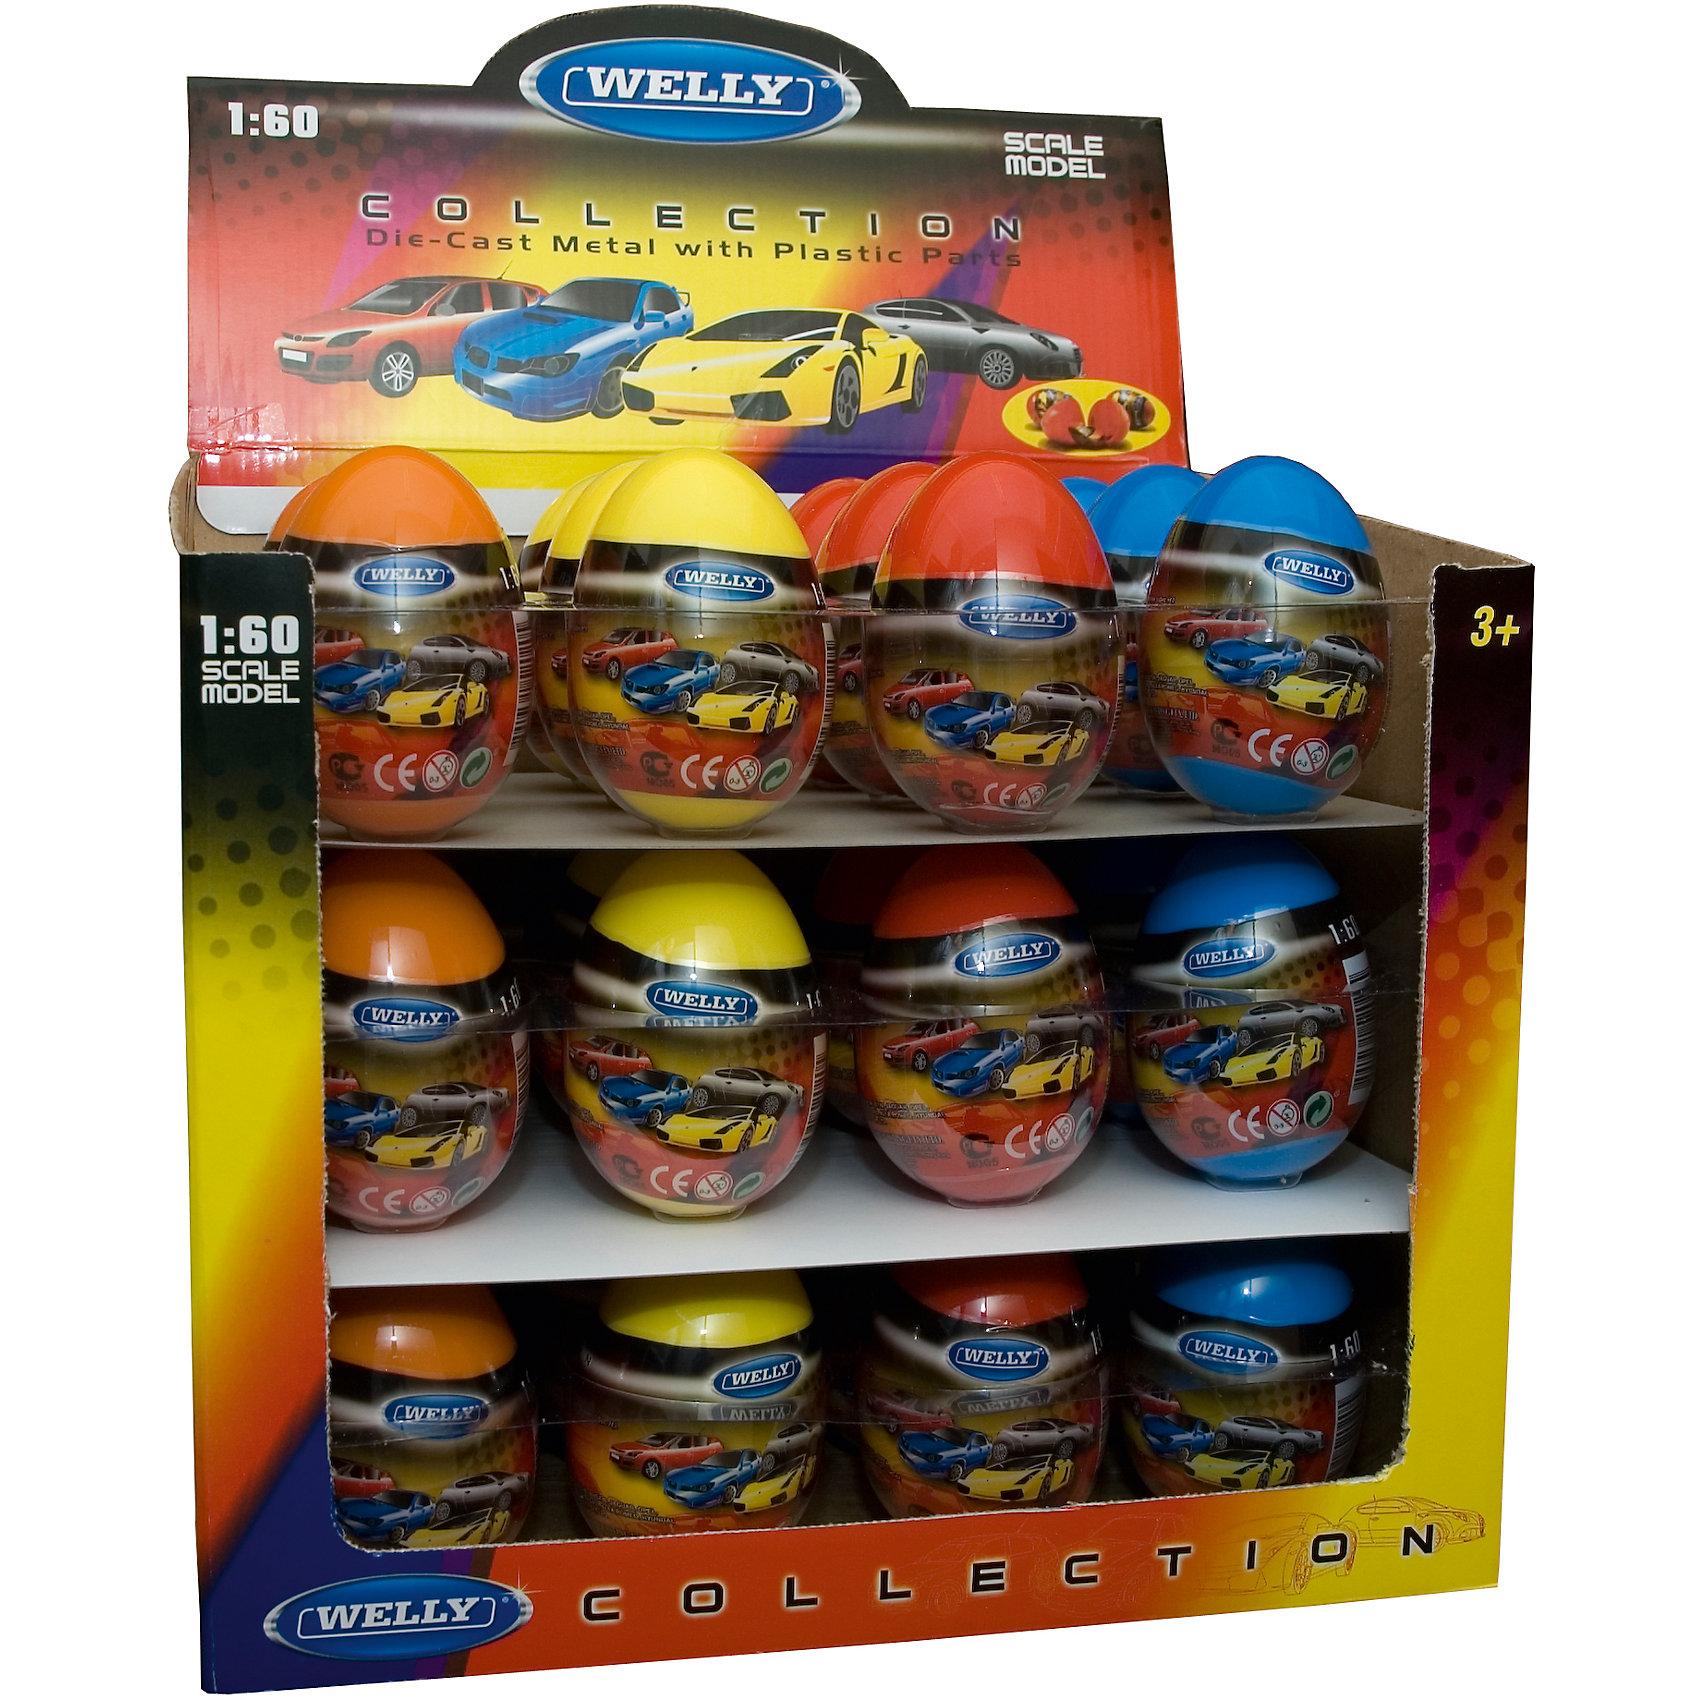 Welly Модель машины 1:60 Яйцо-сюрприз, Welly, в ассортименте welly 52020d велли модель машины 1 60 в ассортименте